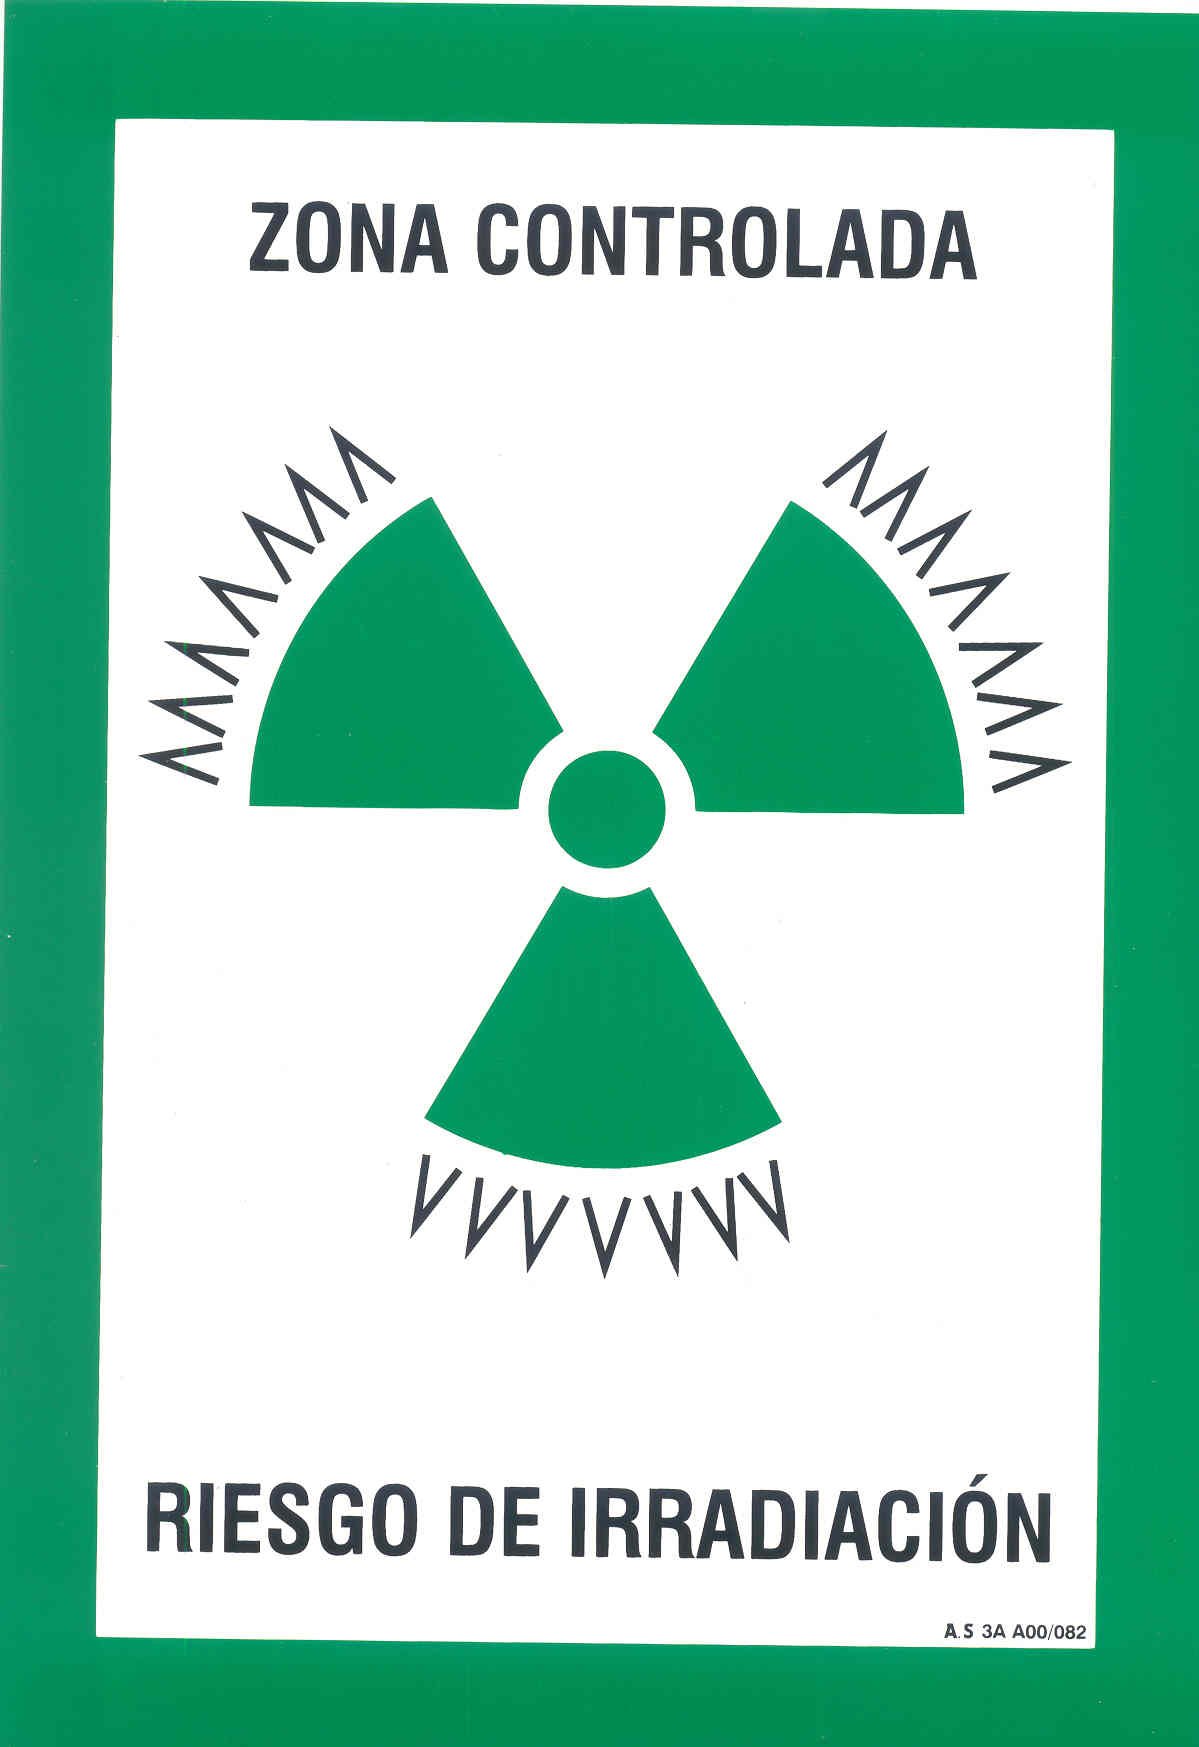 Señal Radiación Zona Controlada